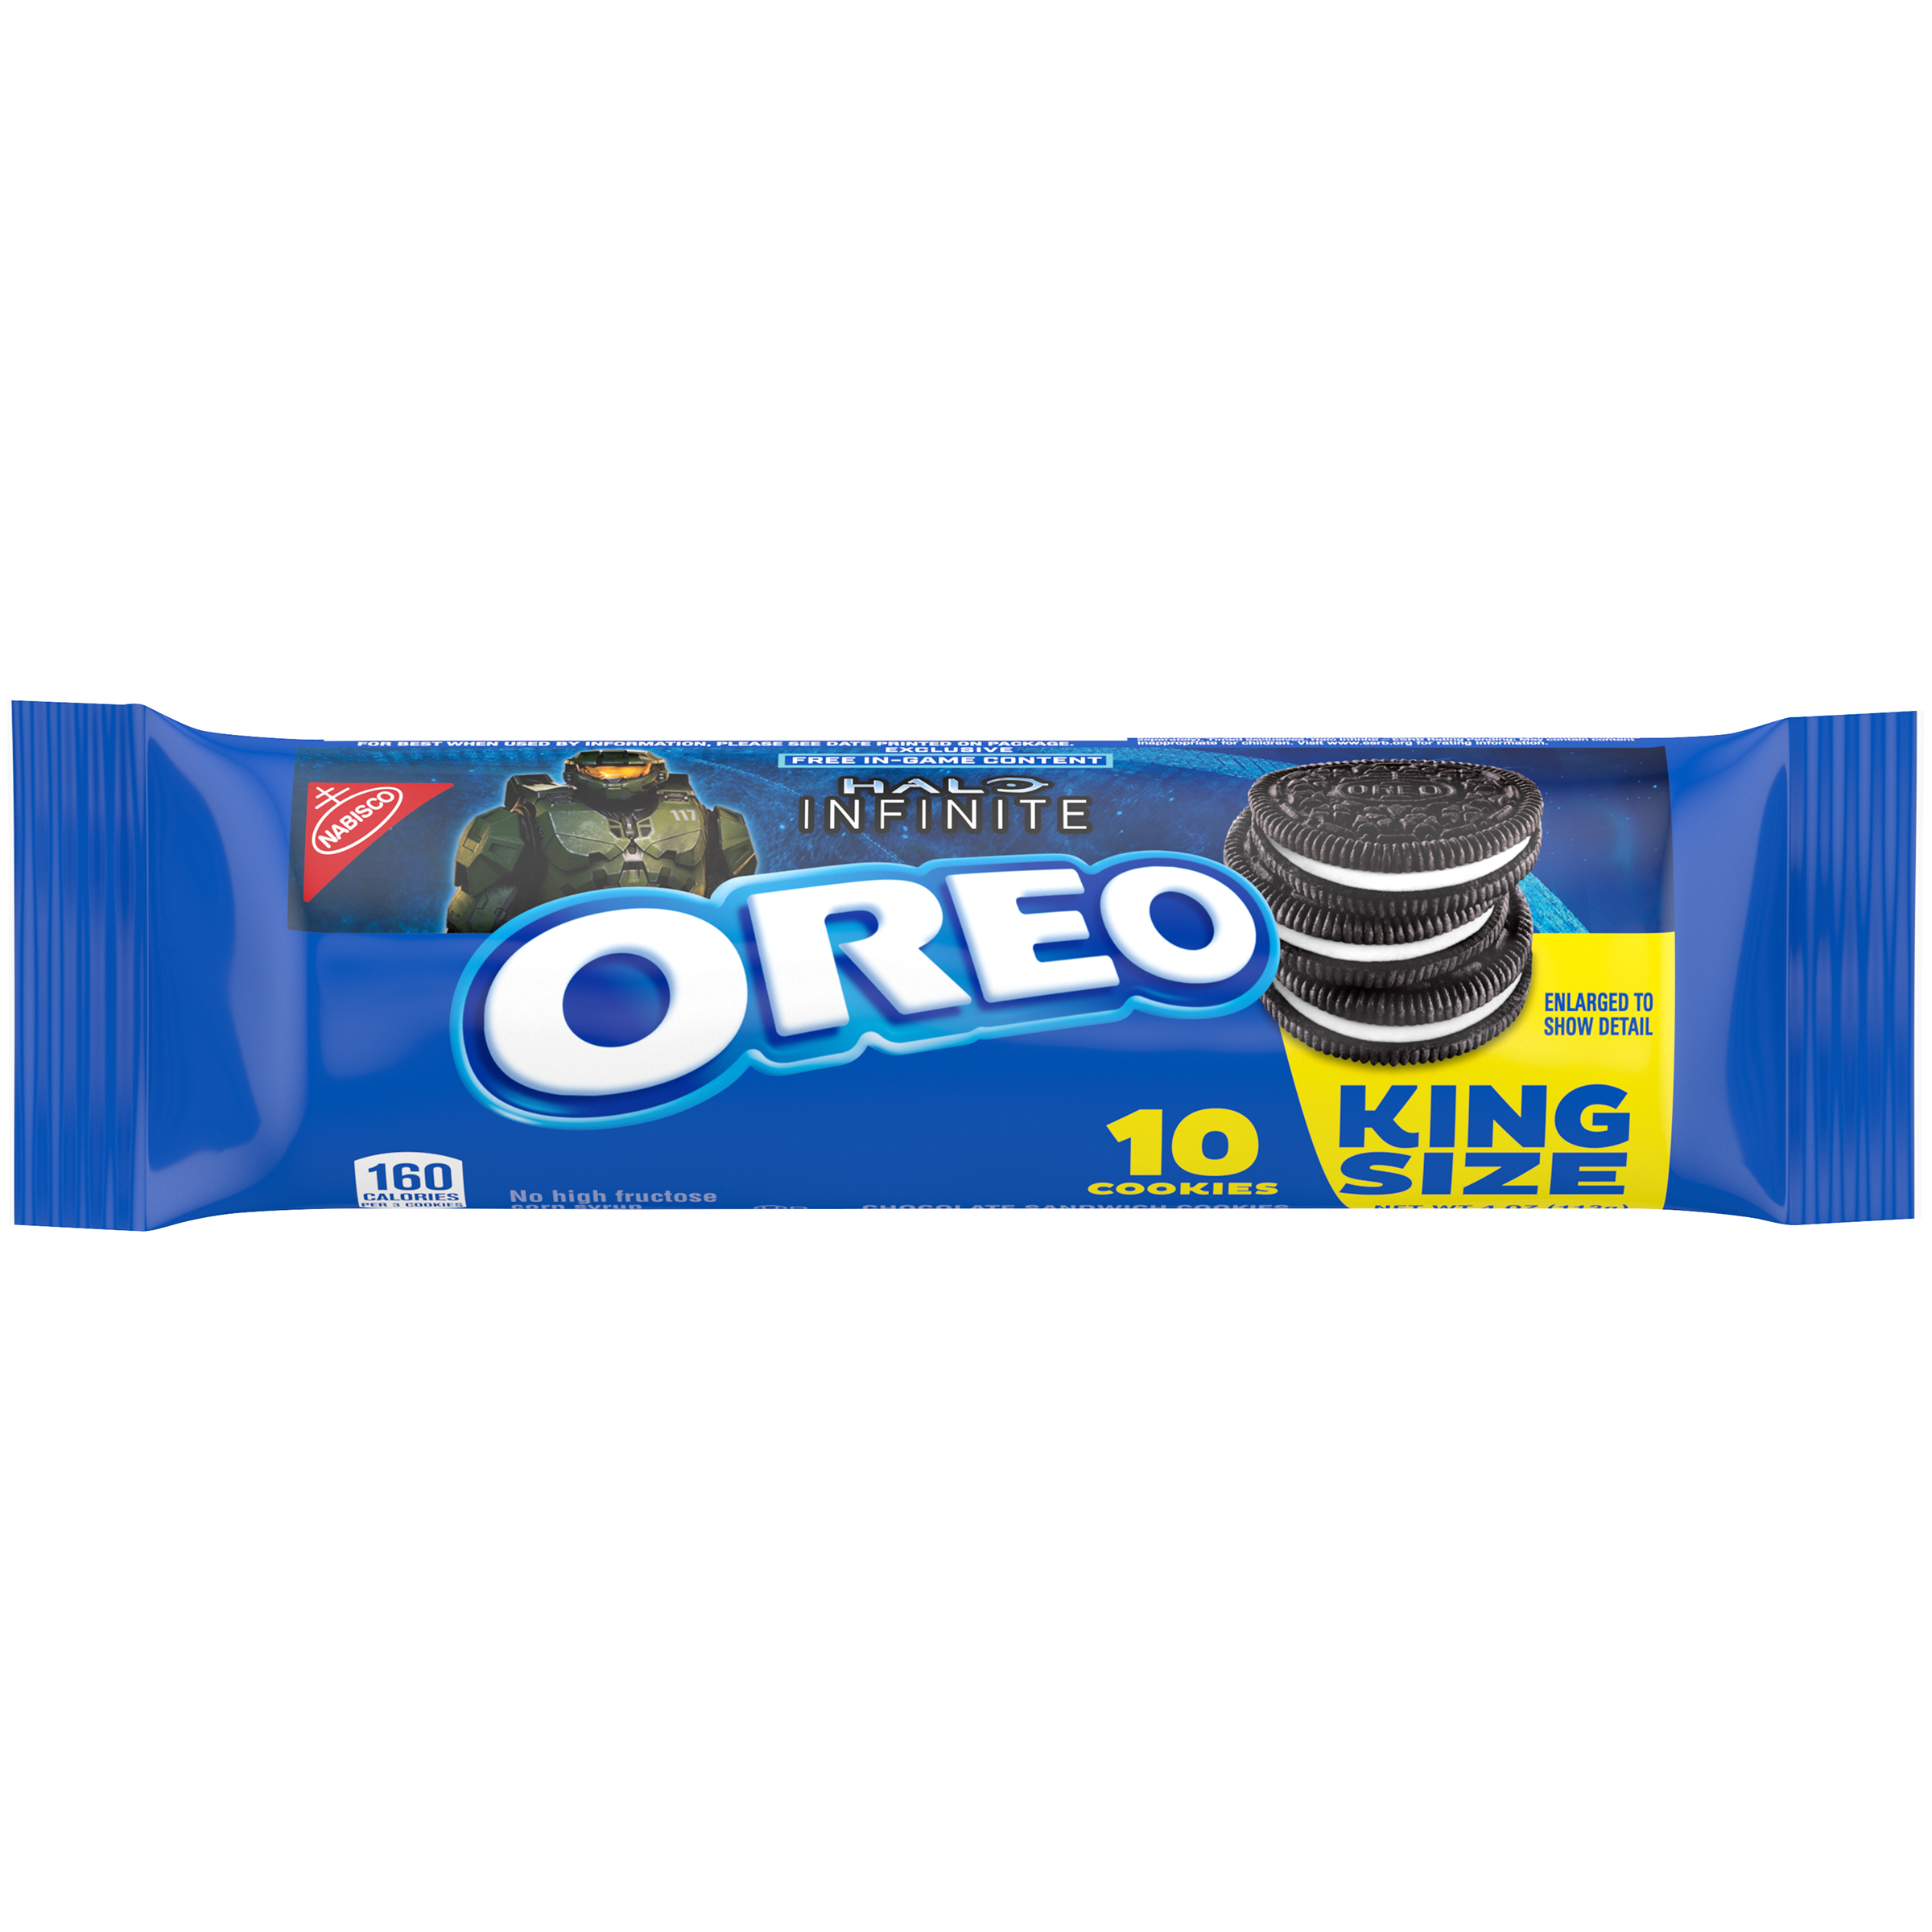 OREO King Size Cookies 4 oz